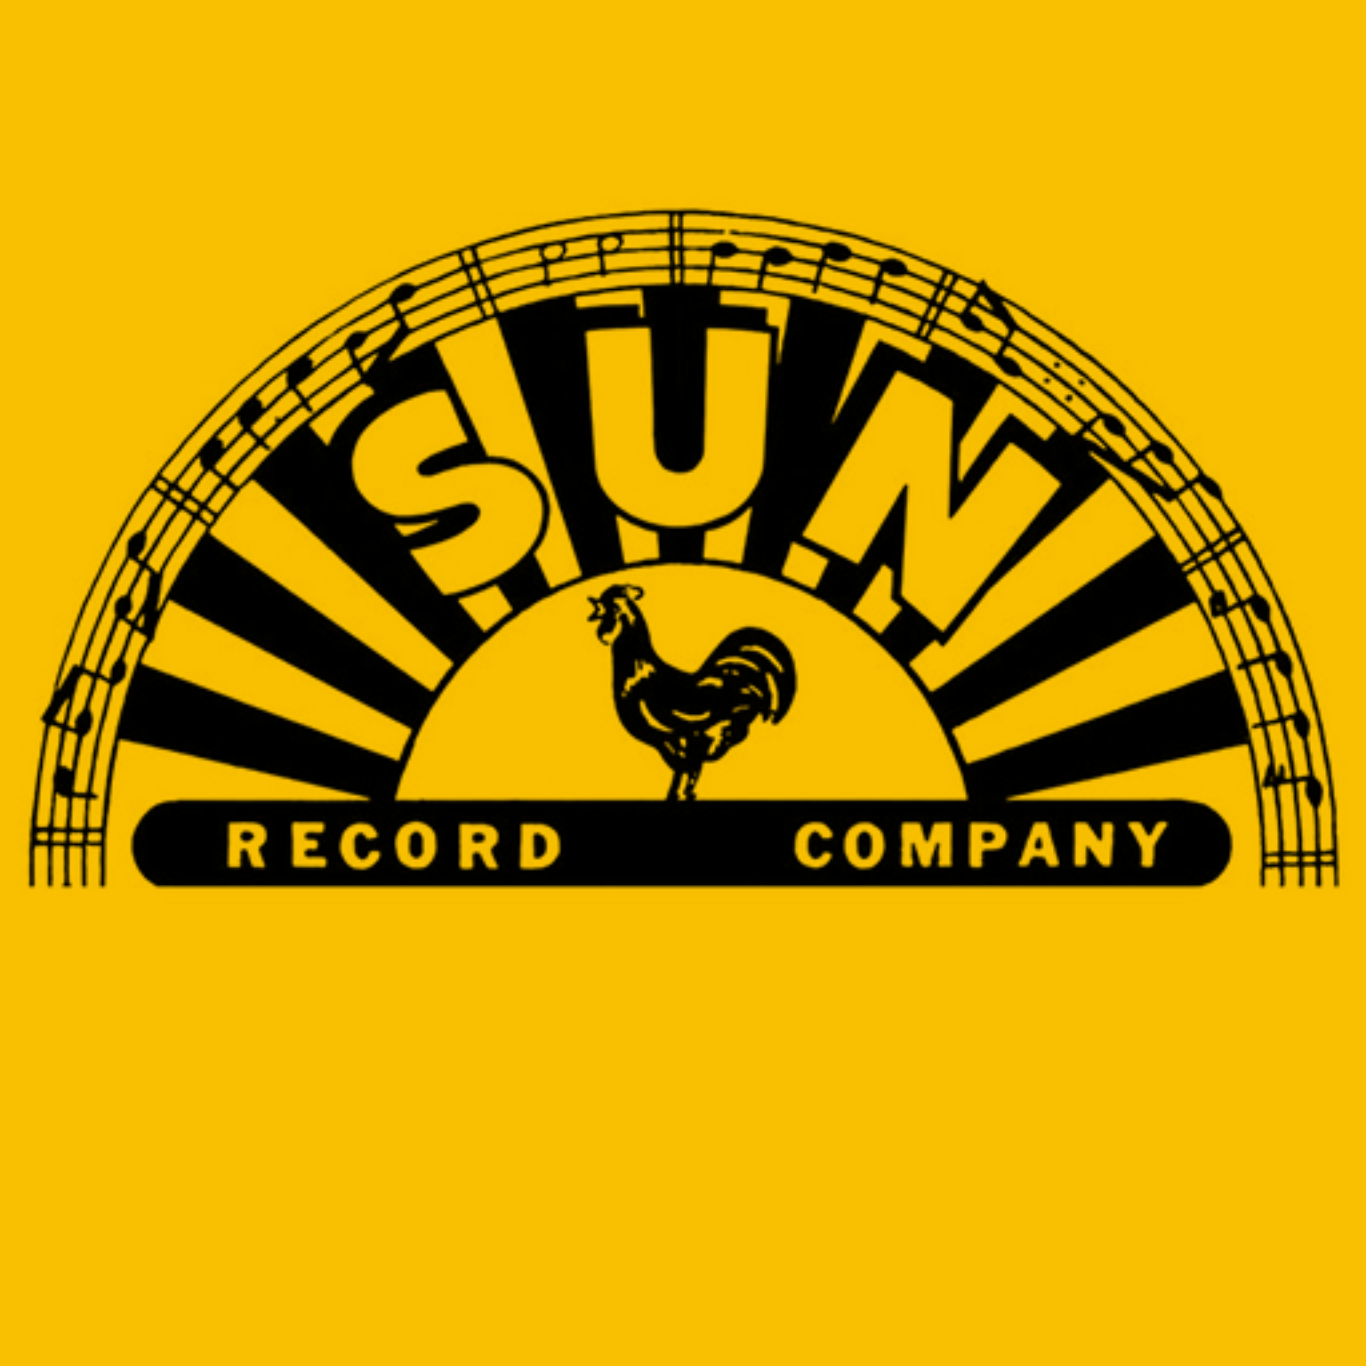 Sun Entertainment